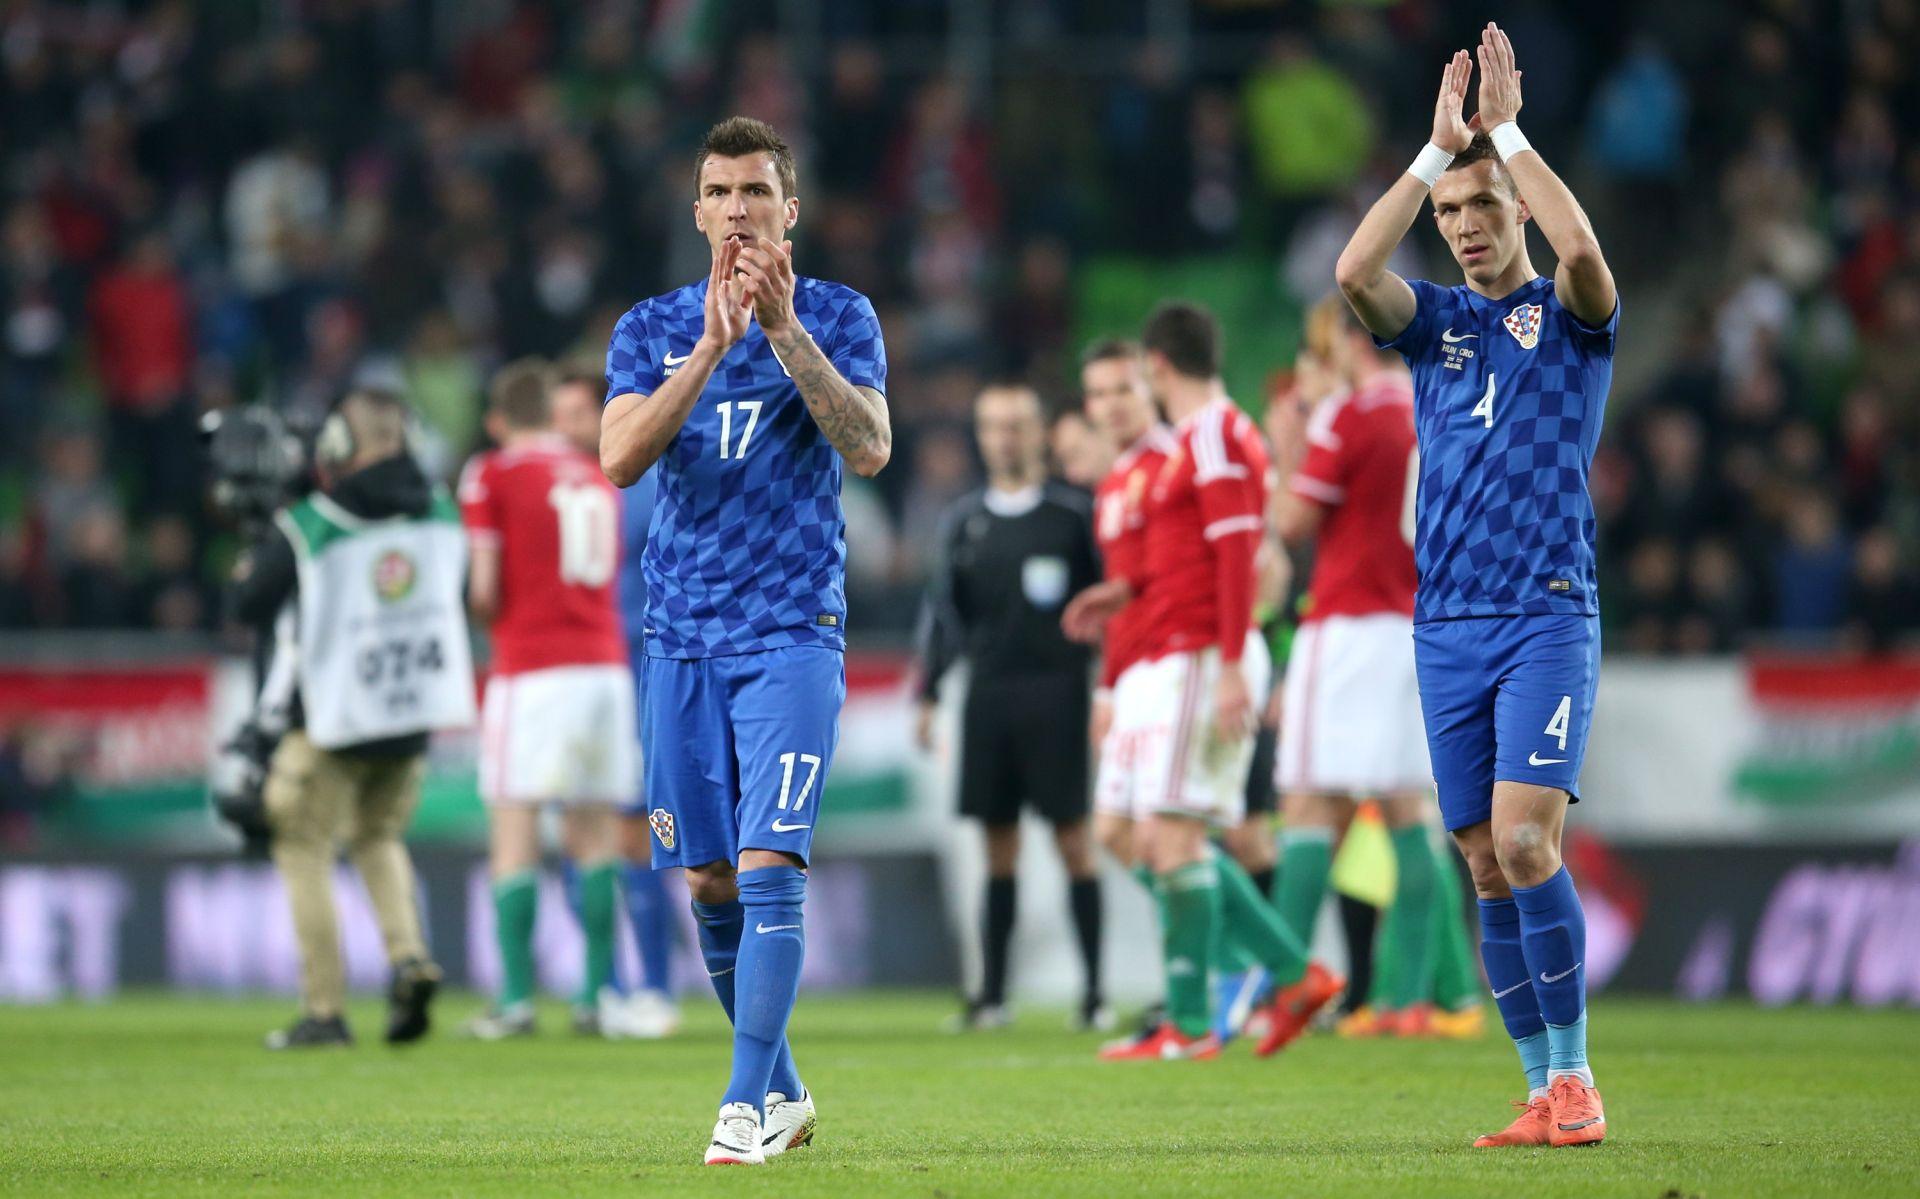 NOVA LJESTVICA FIFA-E Sve momčadi Top50 zadržale pozicije, Hrvatska 23.